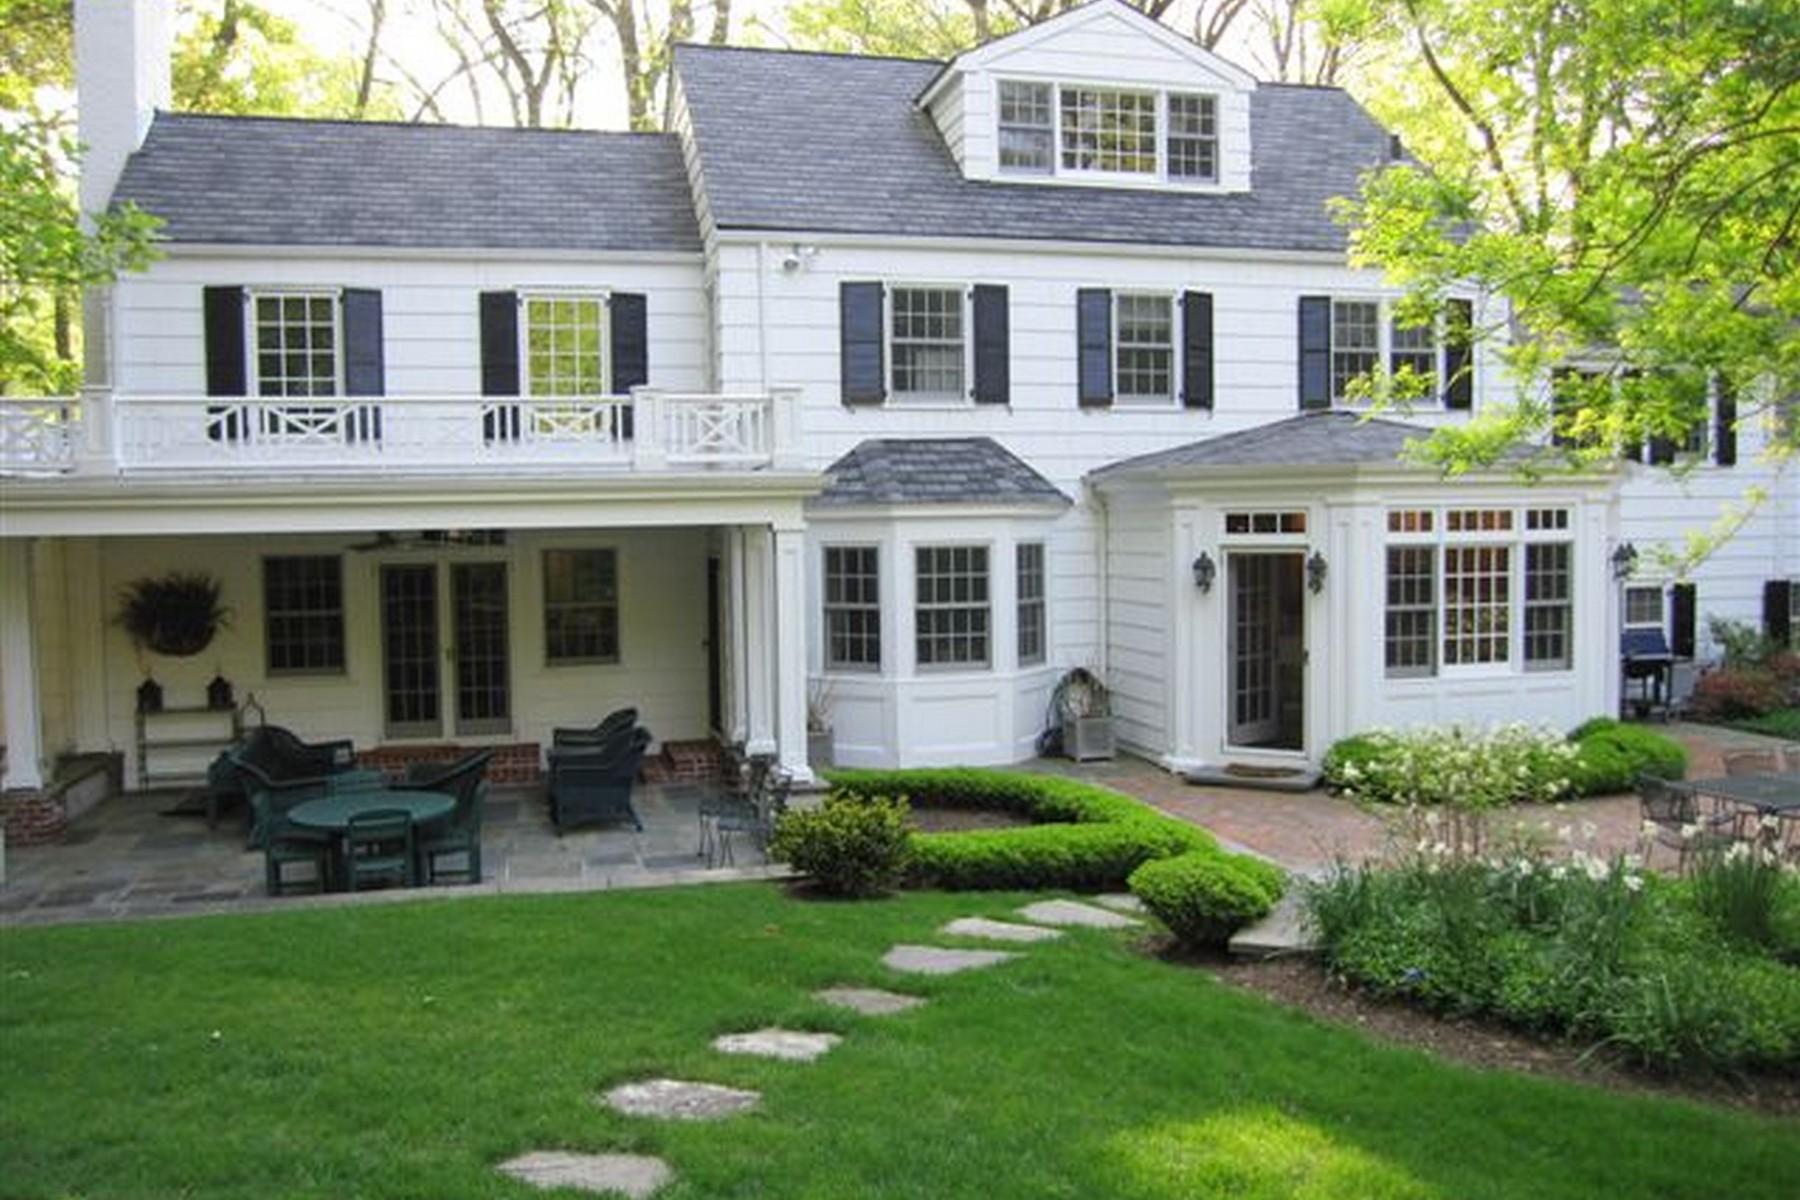 Villa per Vendita alle ore Colonial 69 Dogwood Ln Locust Valley, New York, 11560 Stati Uniti